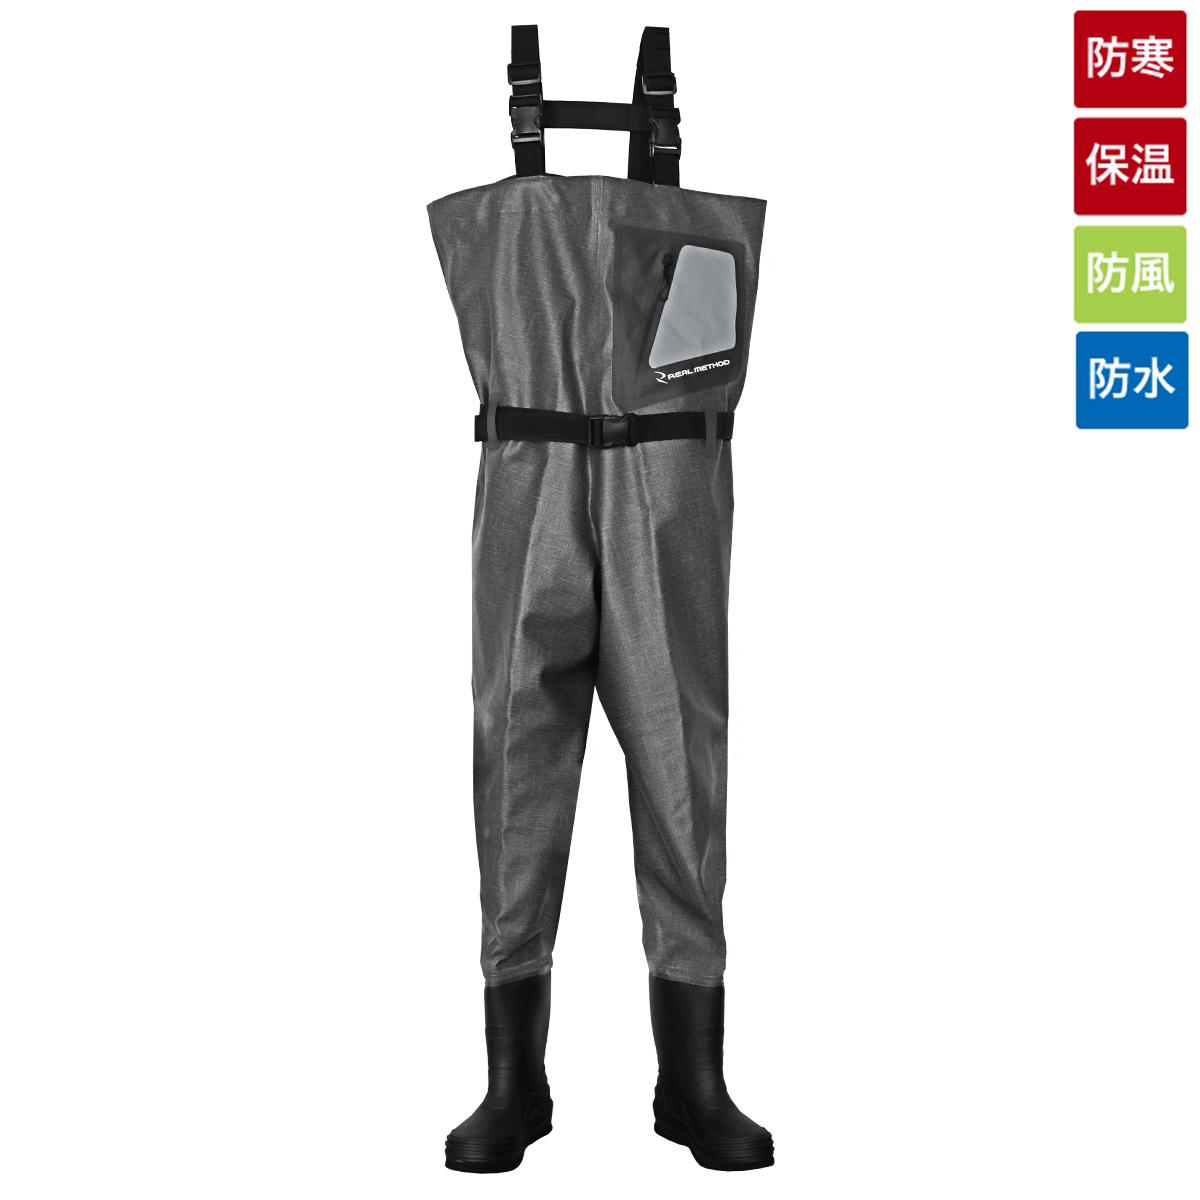 PVC 裏起毛 チェストハイウェーダー 2XL 杢グレー タカミヤ REAL METHOD【同梱不可】